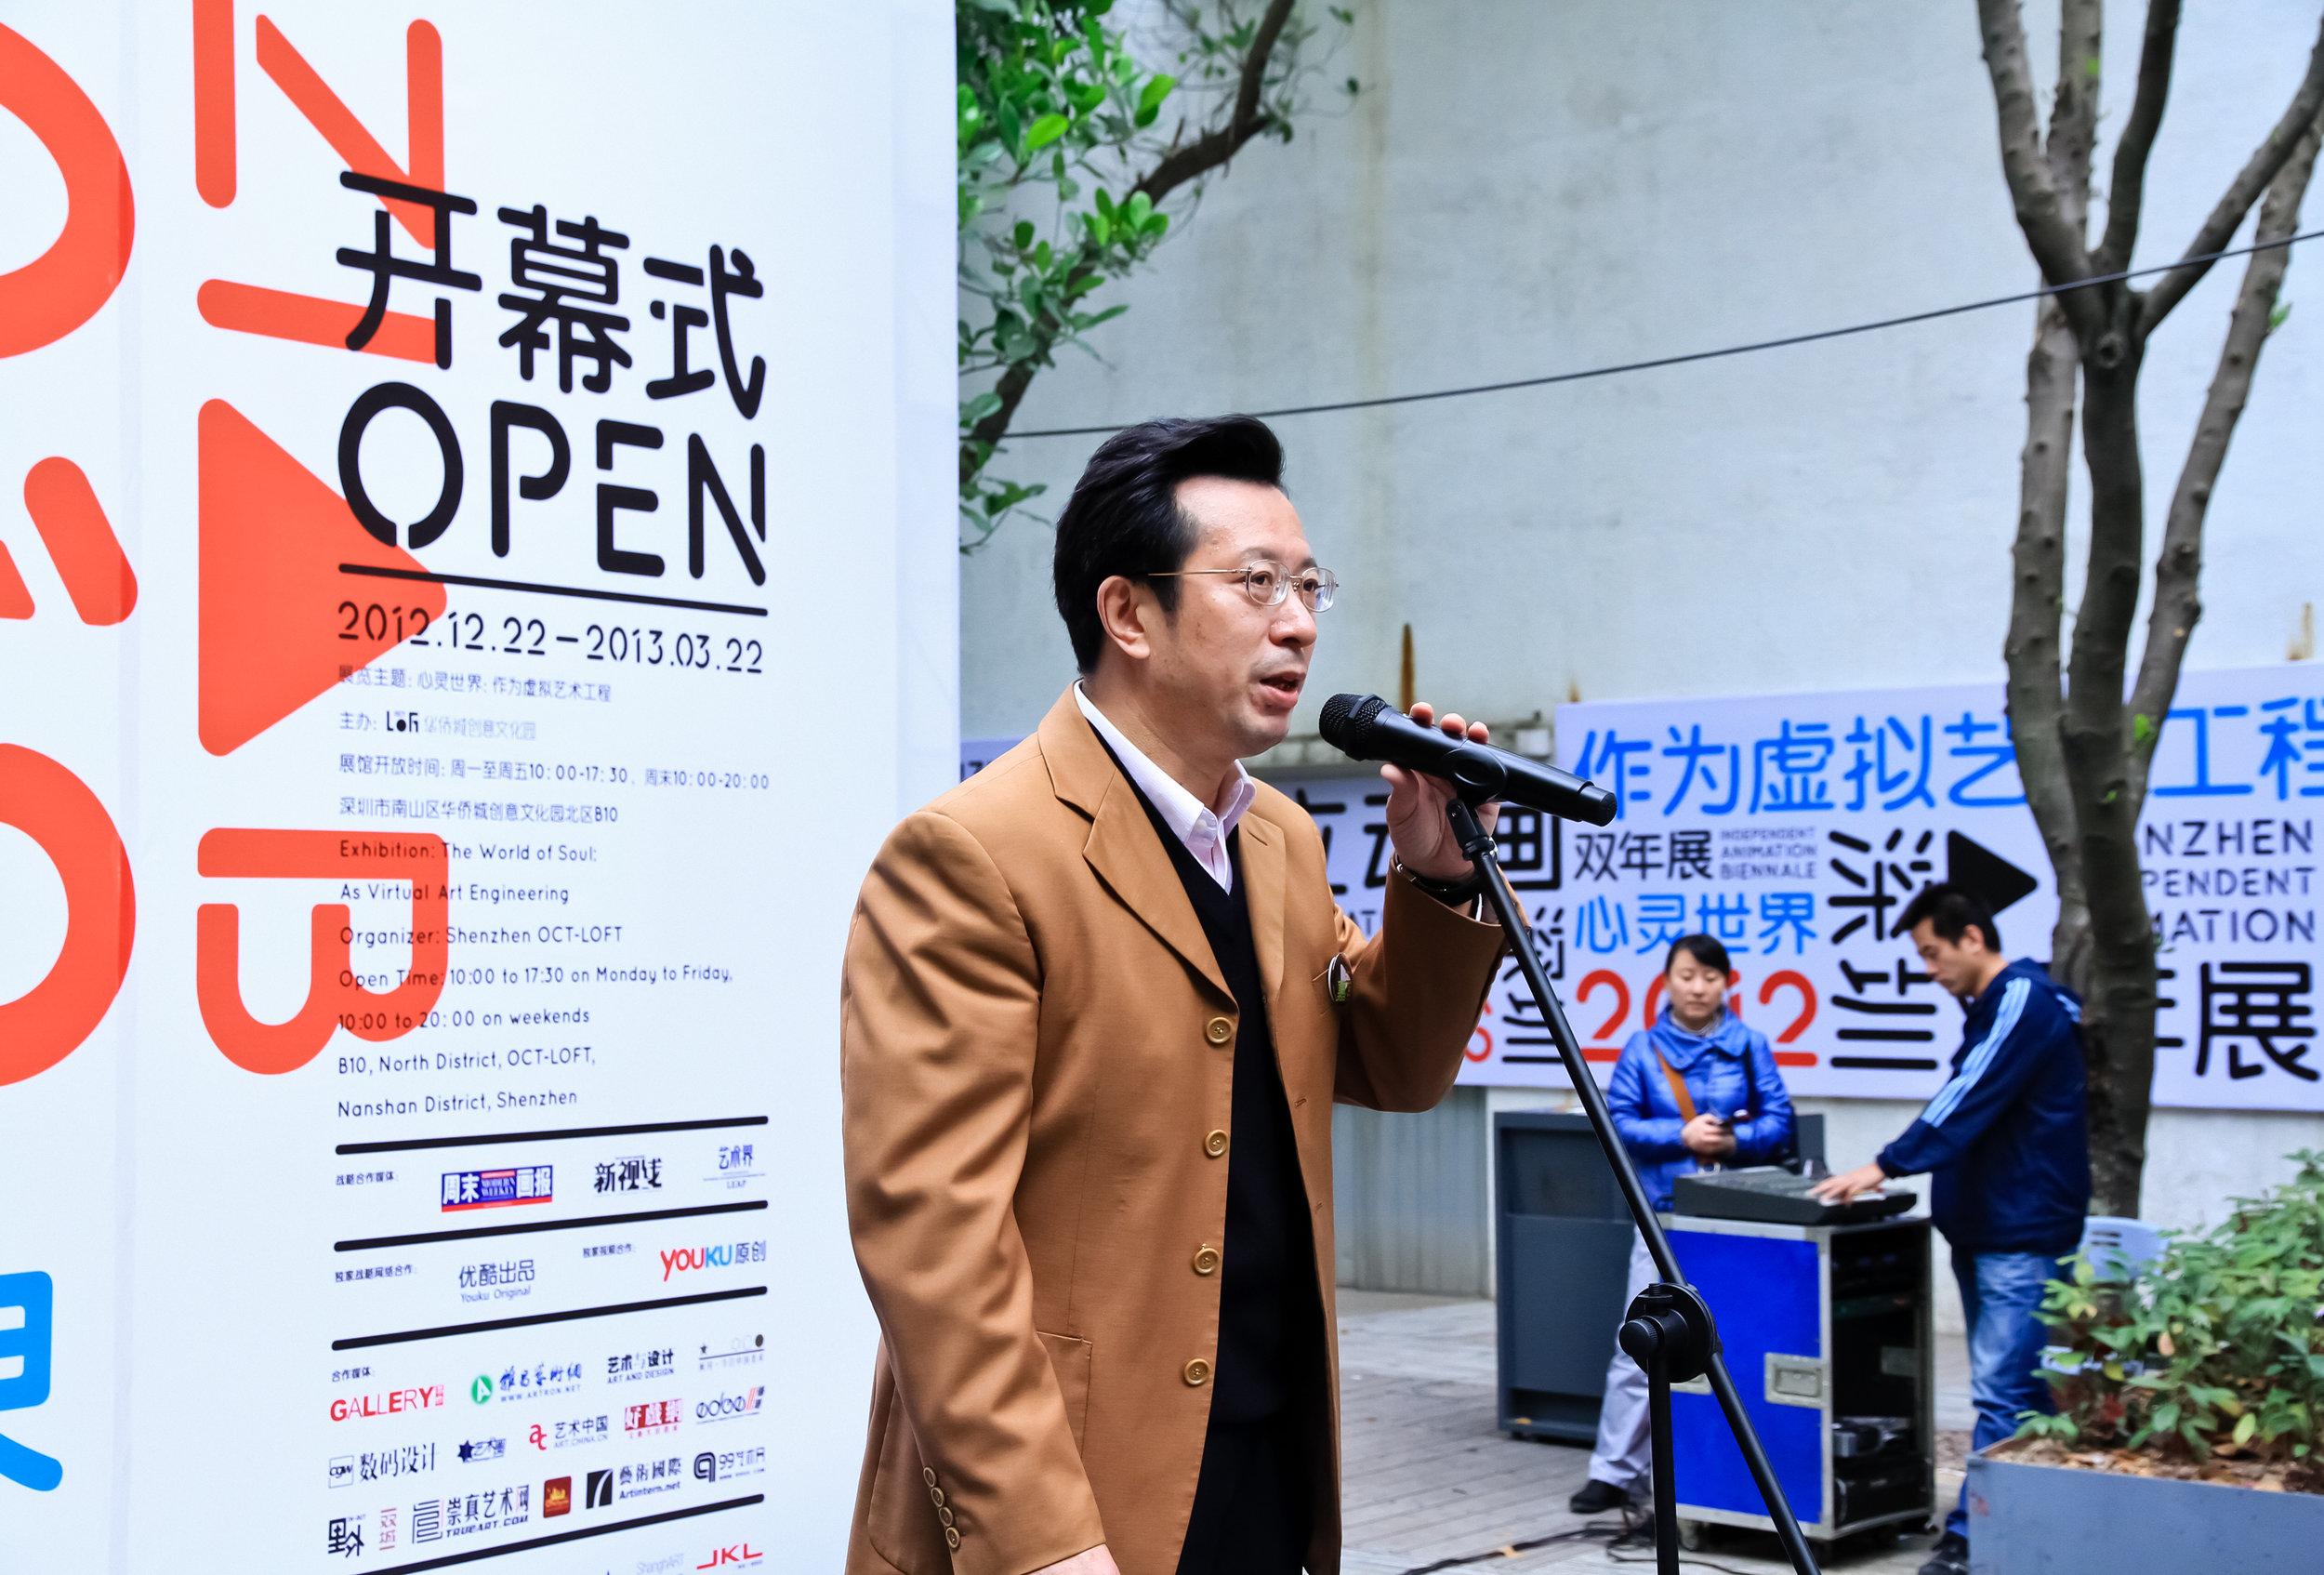 20121222首届深圳独立动画双年展04 欧阳勇 摄影.jpg